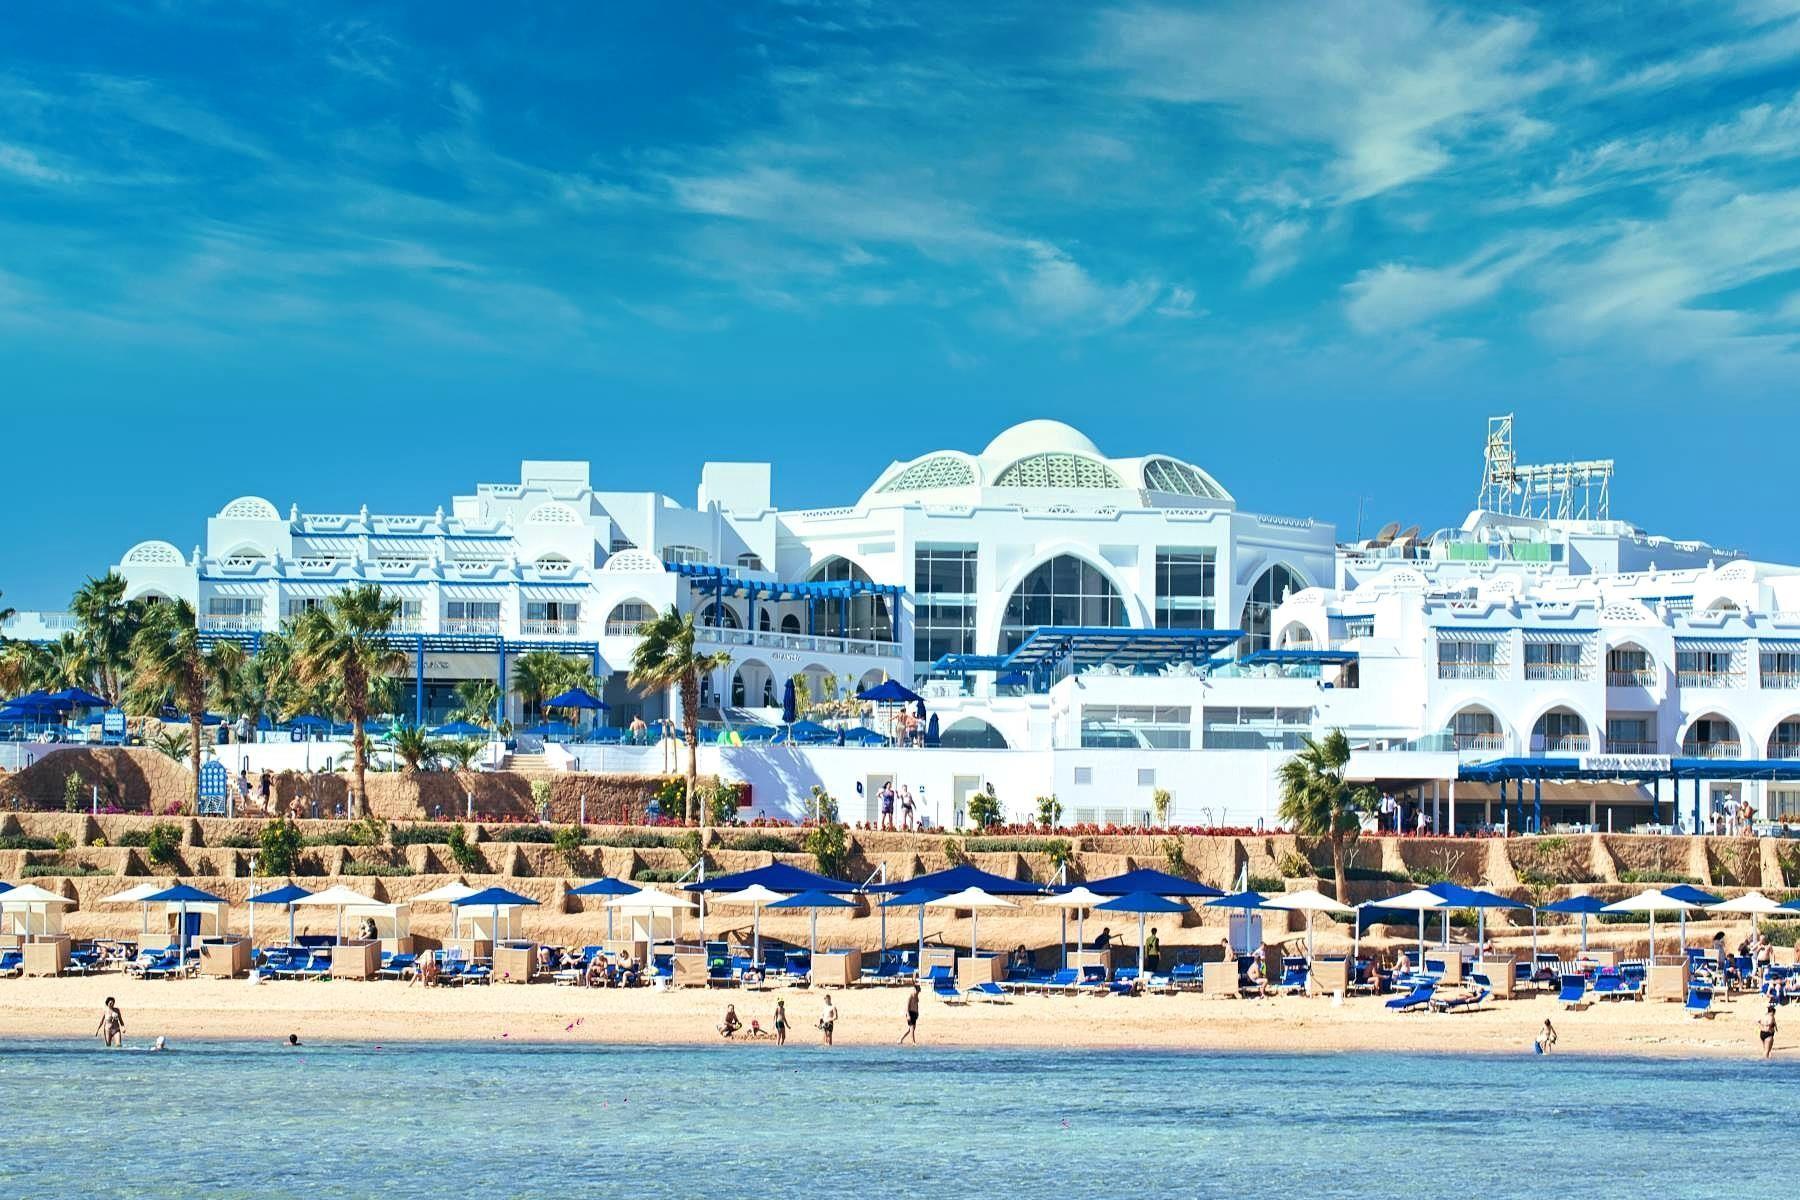 Albatros Palace Resort Sharm